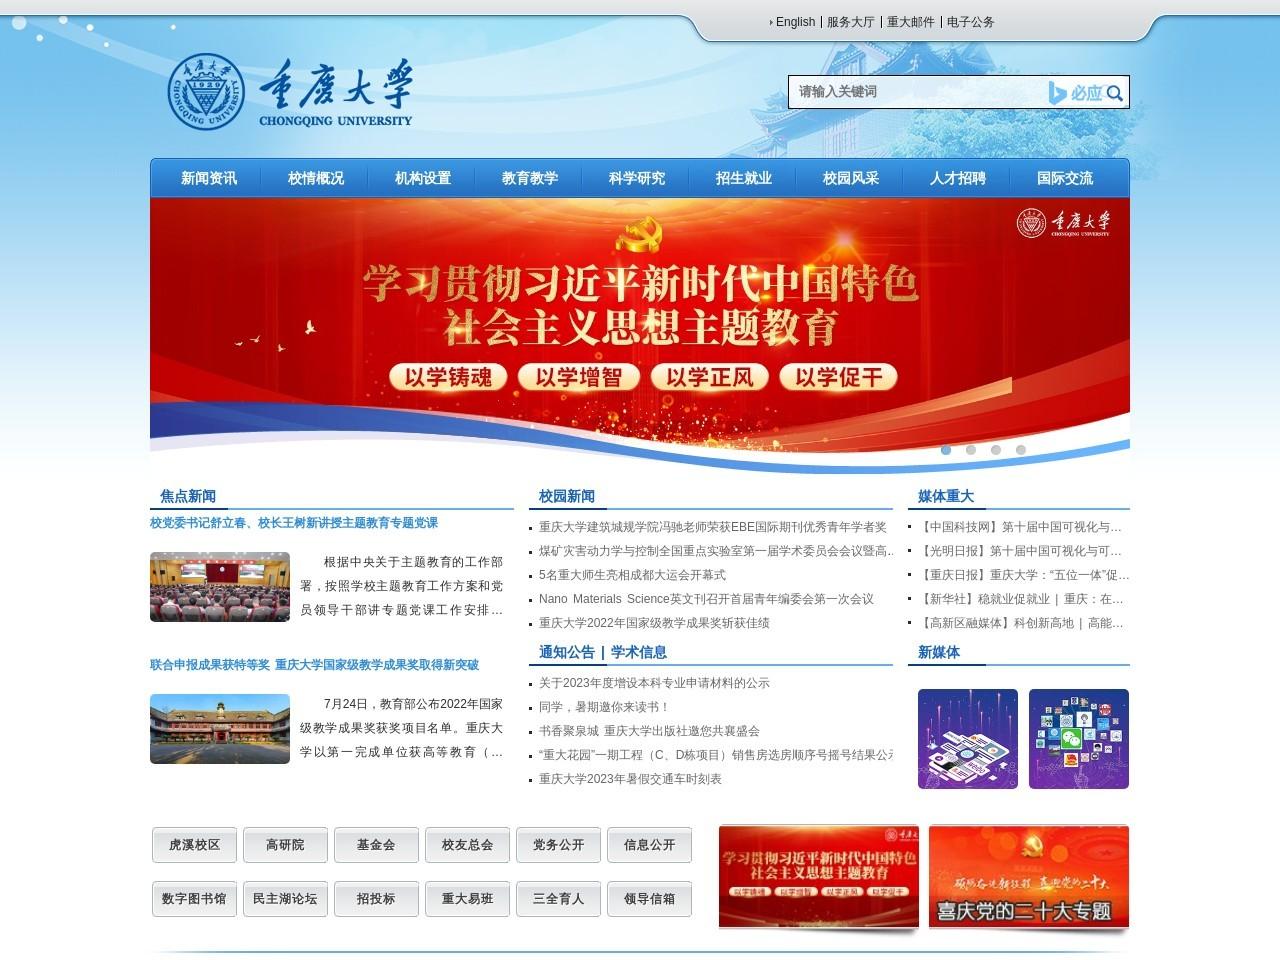 重庆大学官网